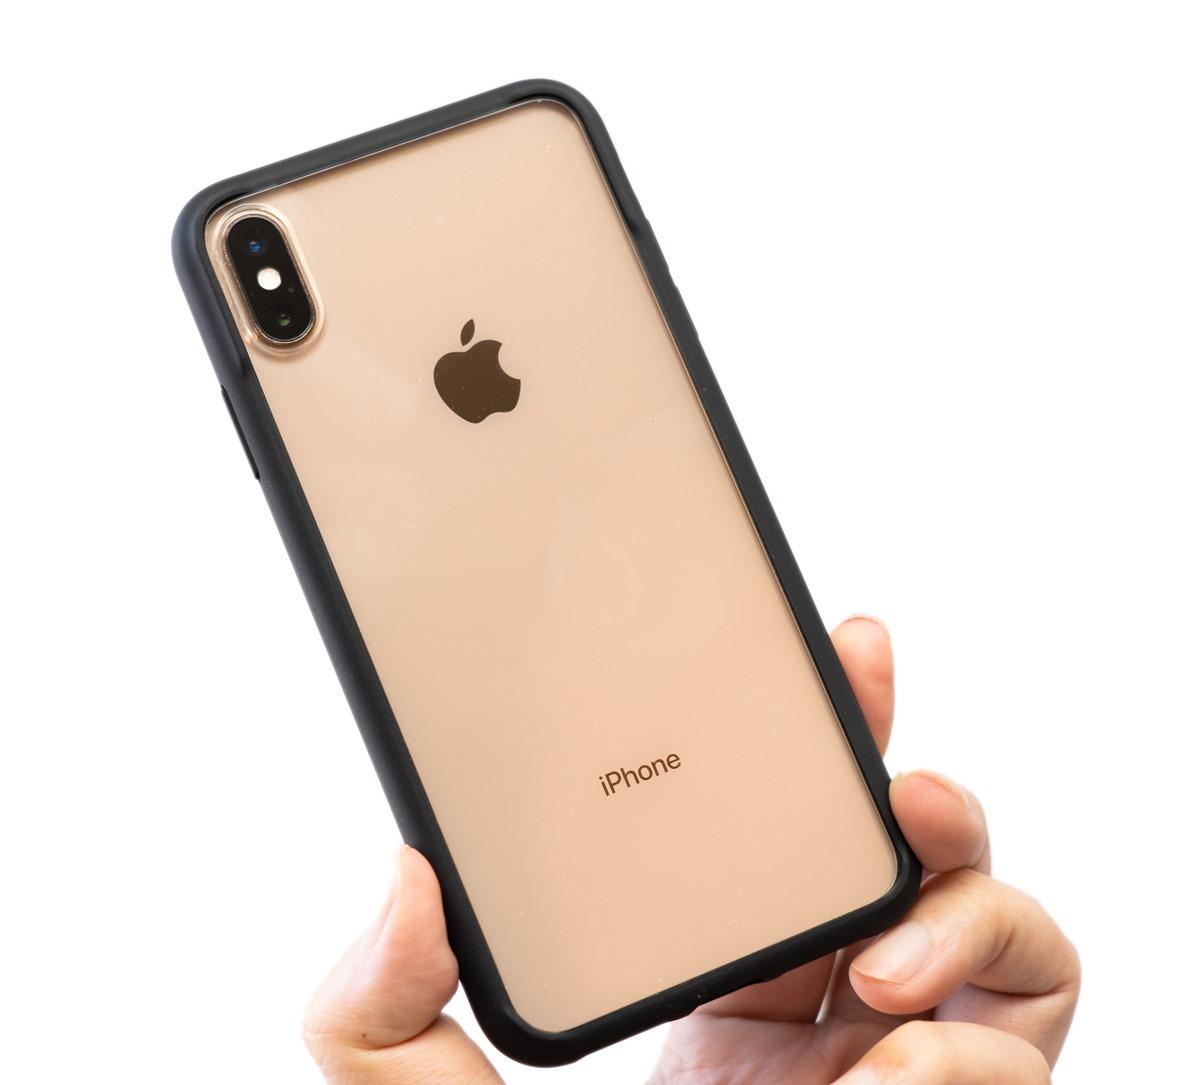 幫 iPhone Xs/ Xs Max 尋找保護殼嗎?!絕對不卡保護貼的 imosCase 軍規認證雙料防震保護殼 @3C 達人廖阿輝